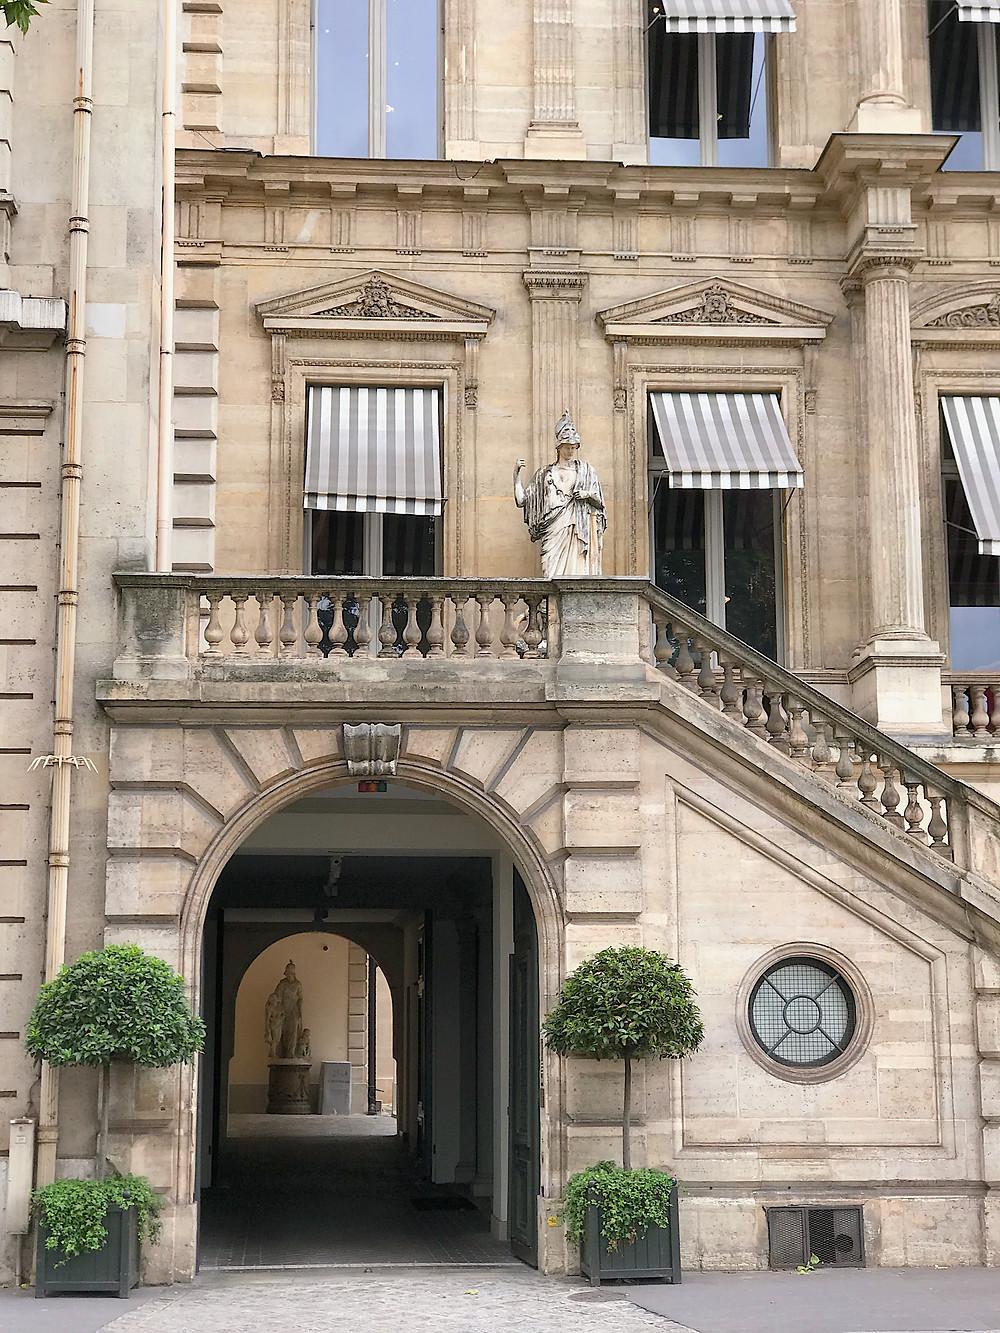 pretty Parisienne building